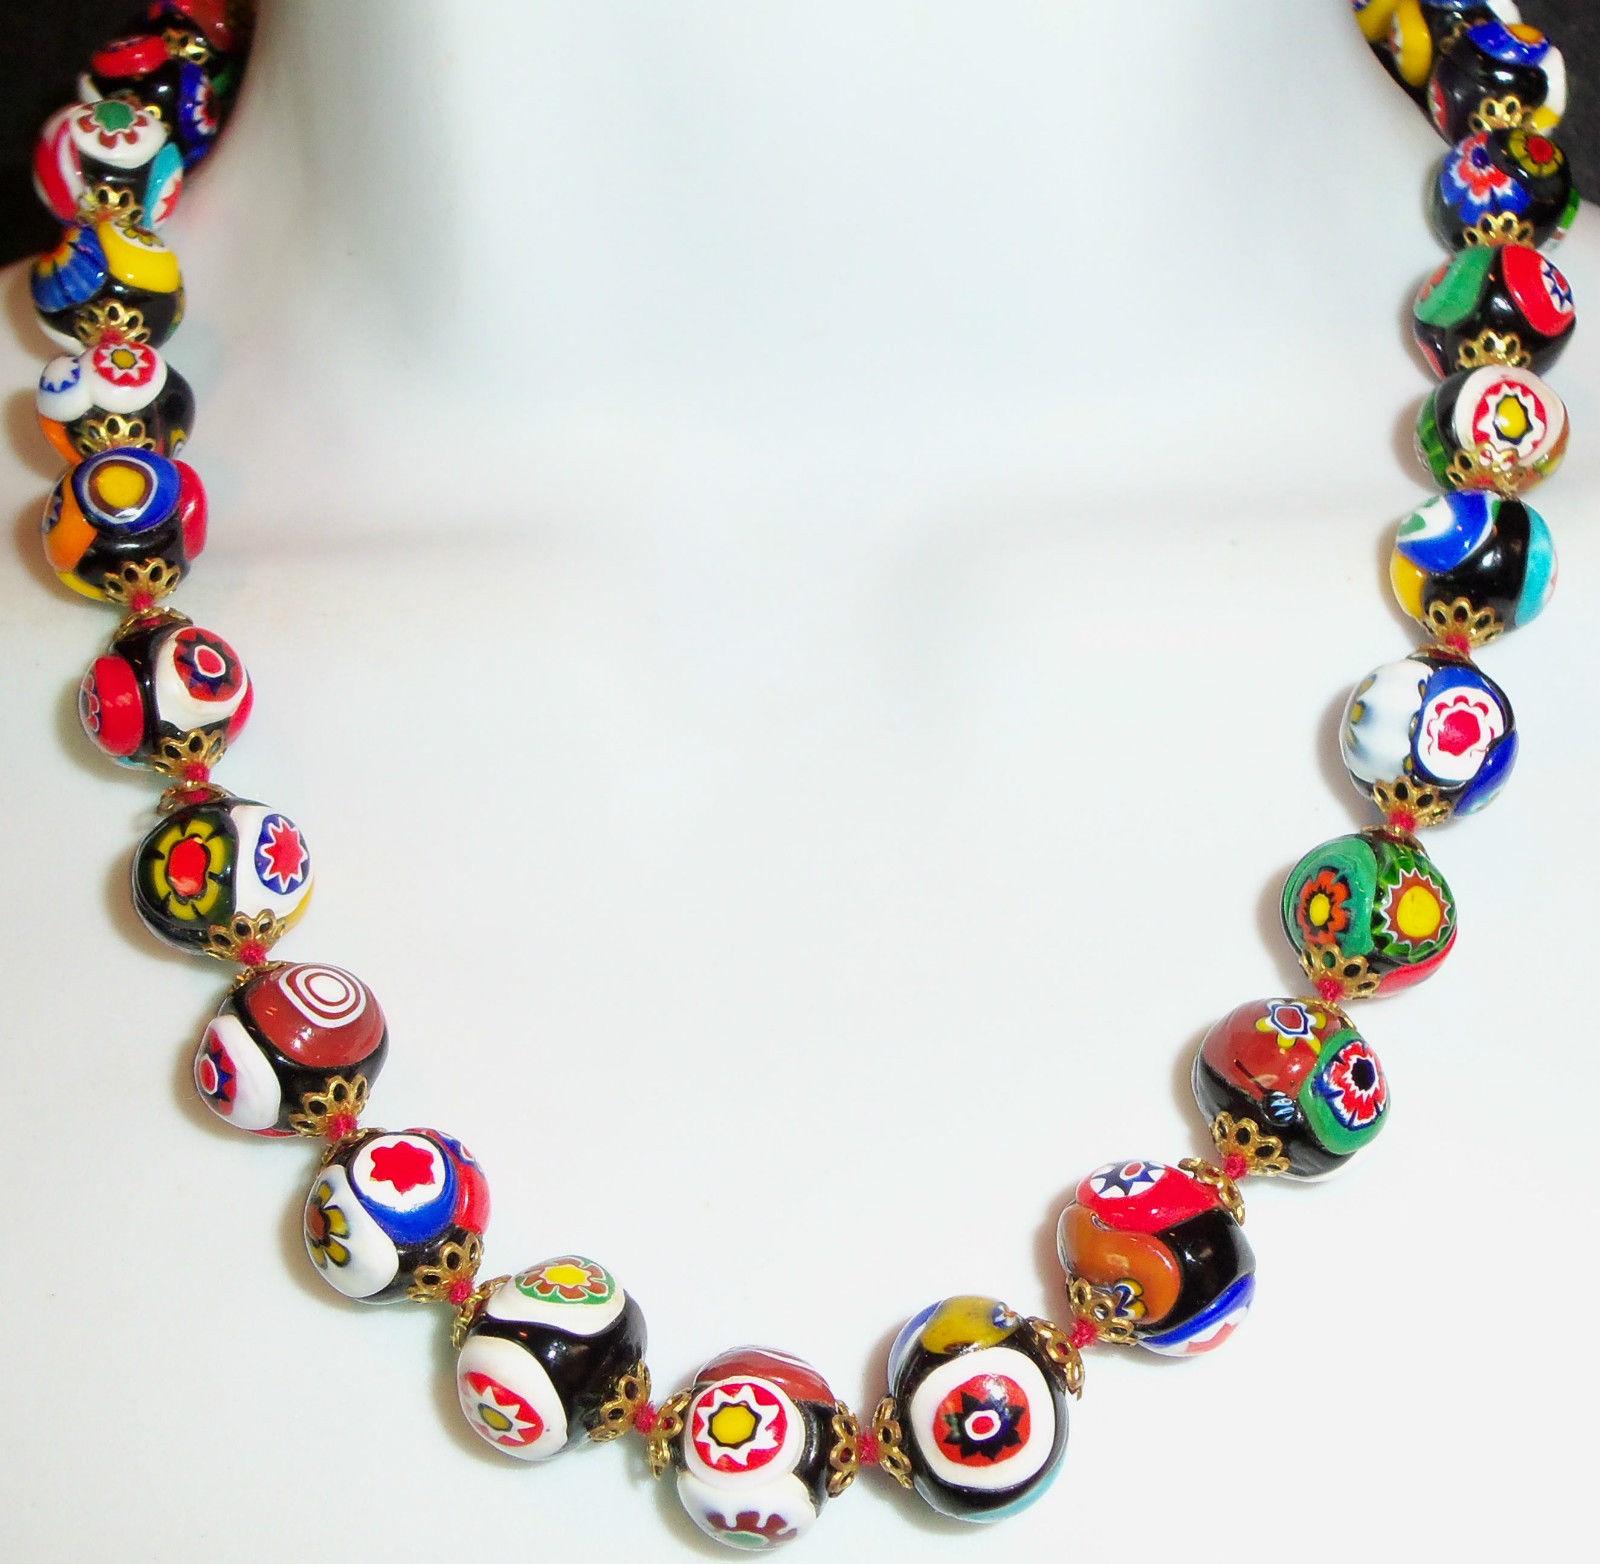 Murano glass bead wallpaper wallpapersafari - Safari murano jewelry ...